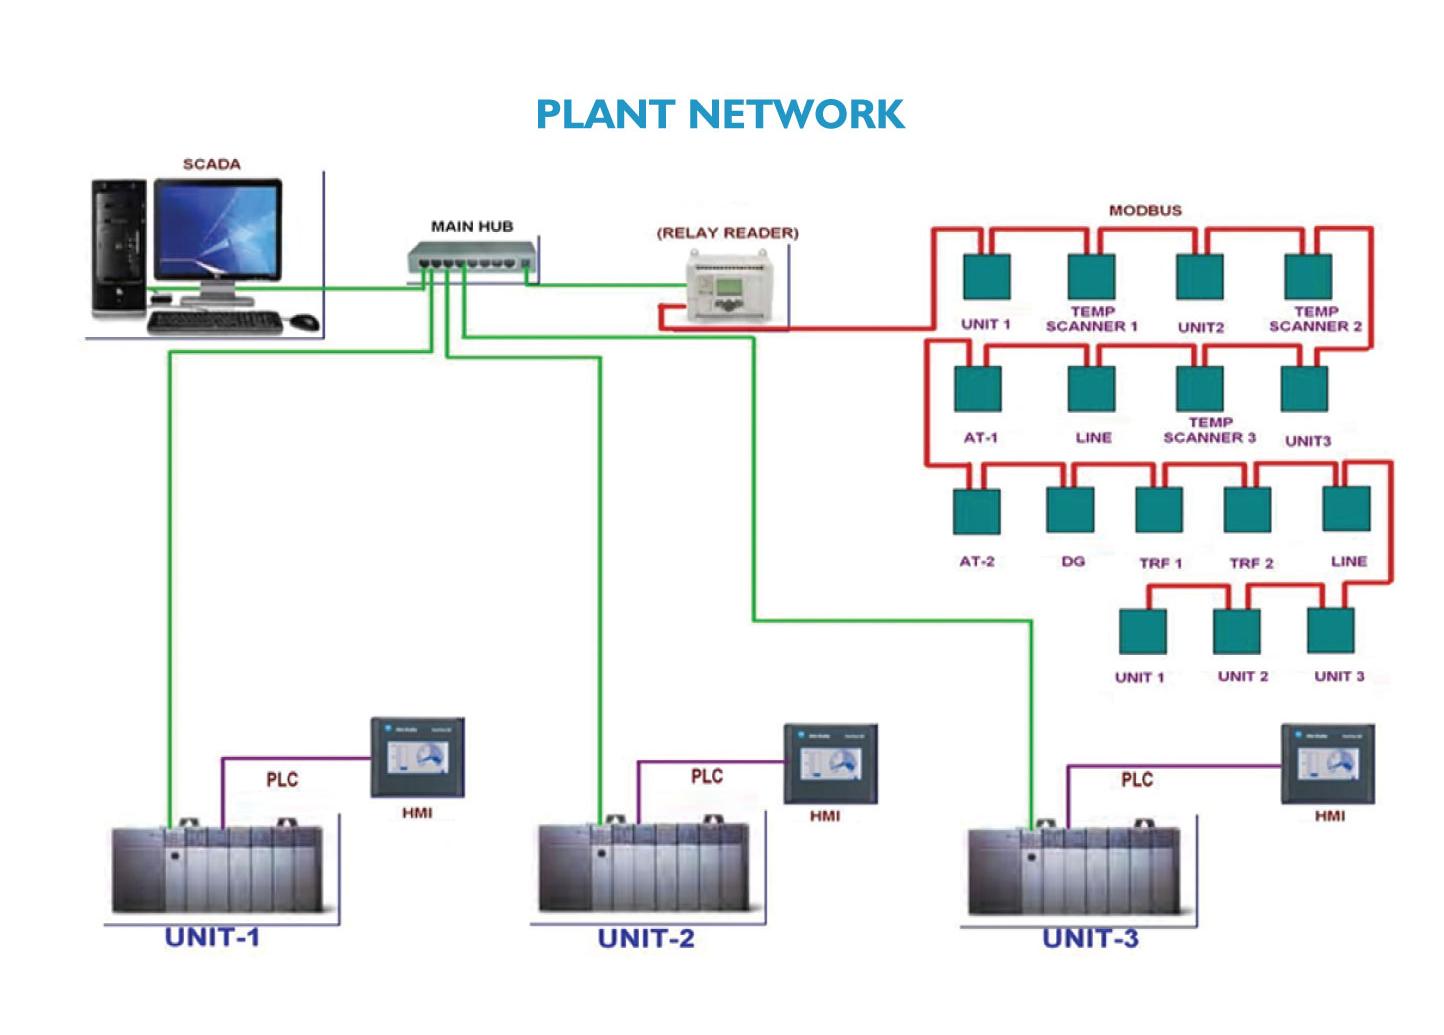 plc scada Über die oftmals frei aus dem internet zugänglichen programmable logic controller (plc) zum steuern von scada-systemen können angreifer scanner zum.